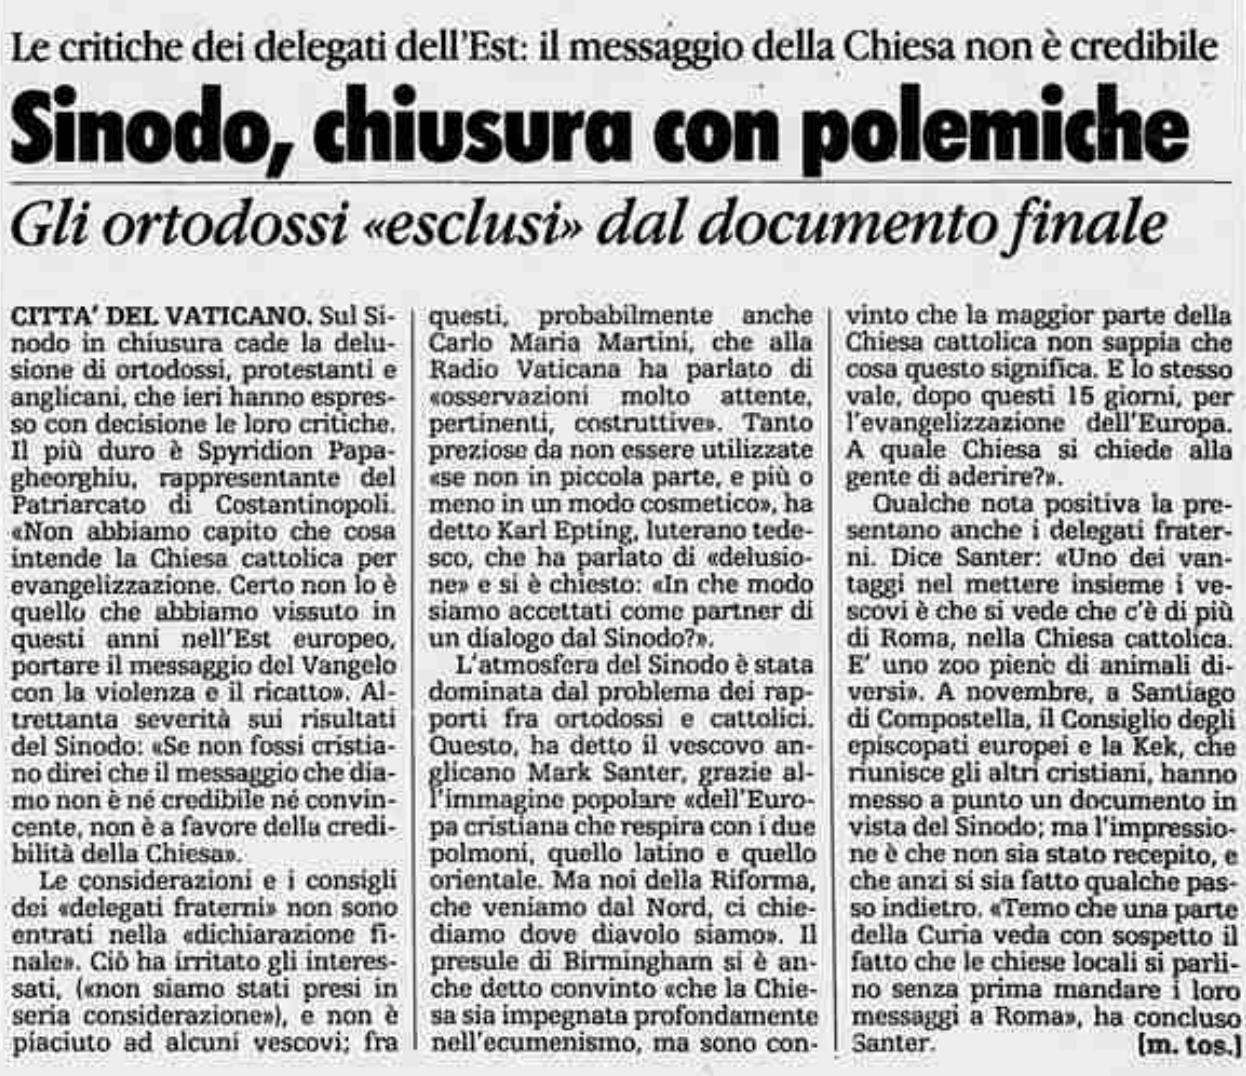 la stampa 14 dicembre 1991